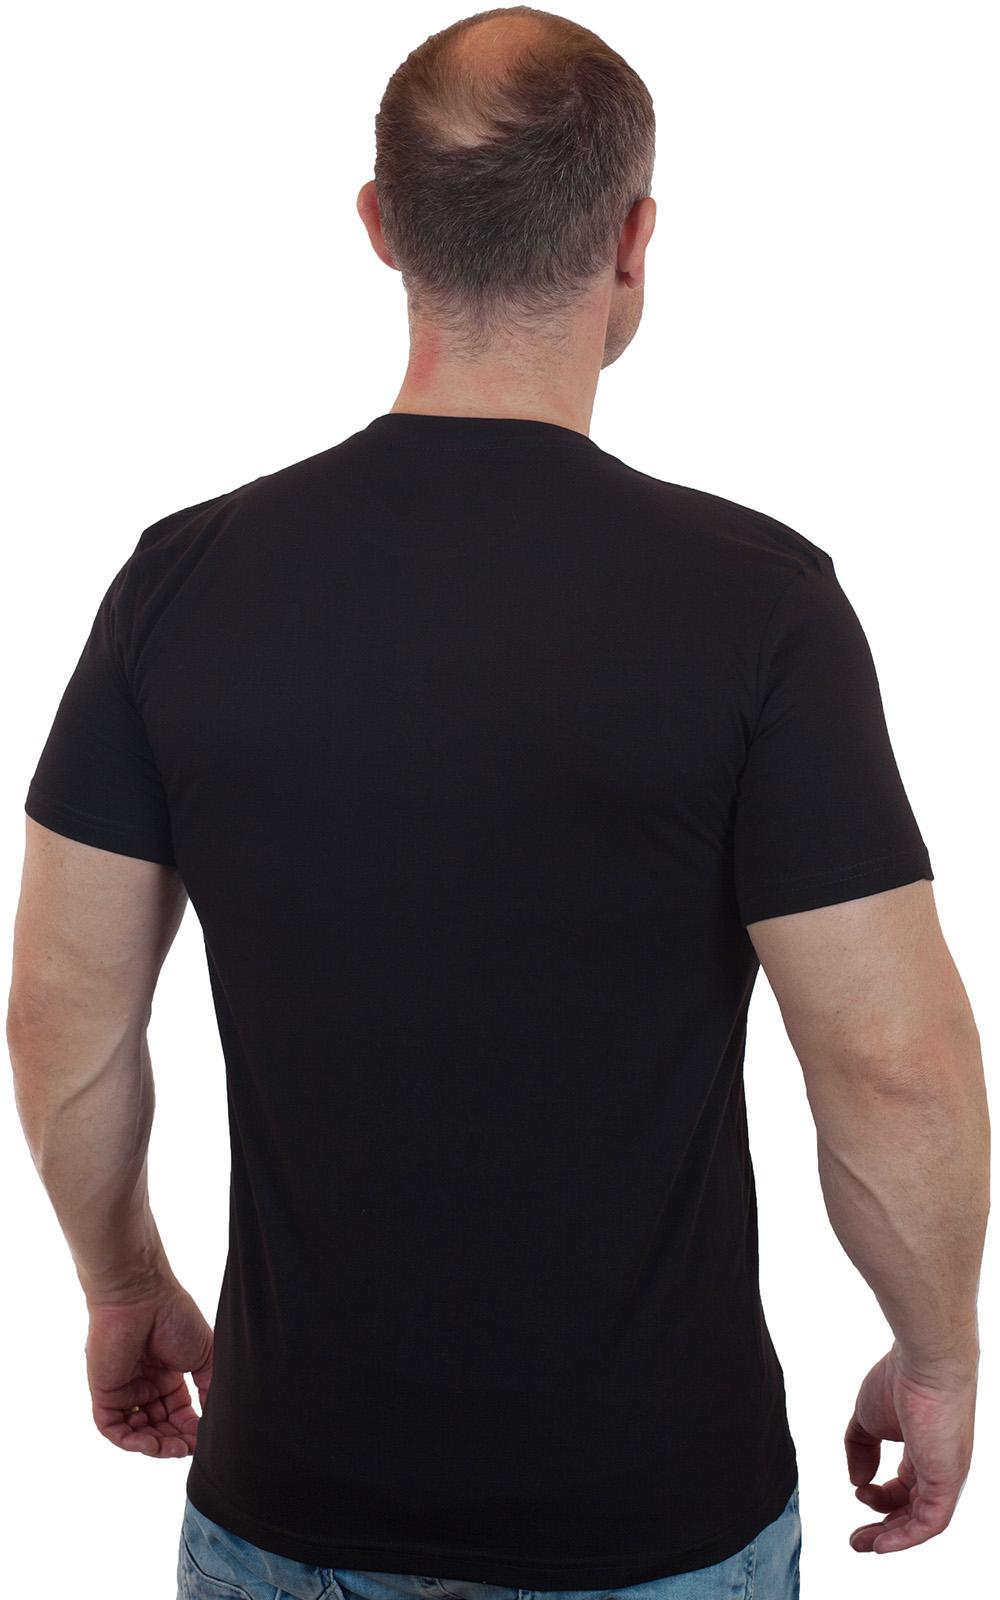 Черная мужская футболка с символикой МВД России купить в подарок